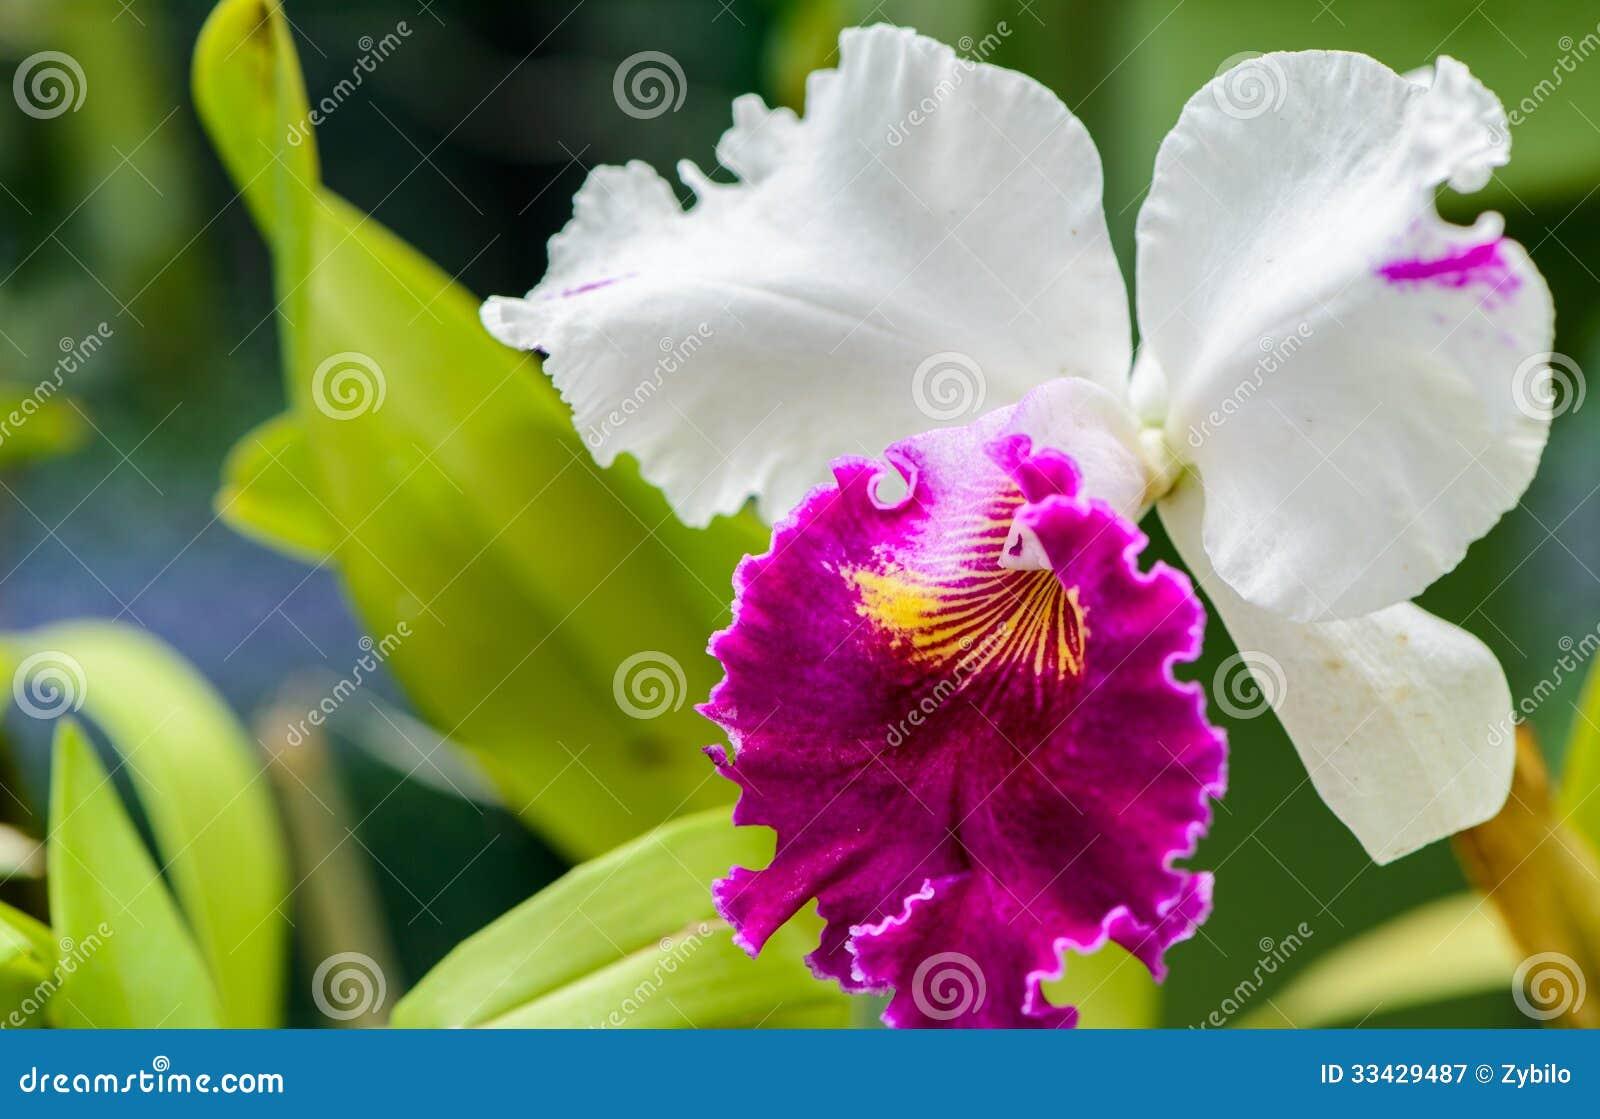 Jardins botânicos reais. Tipos diferentes de orquídeas